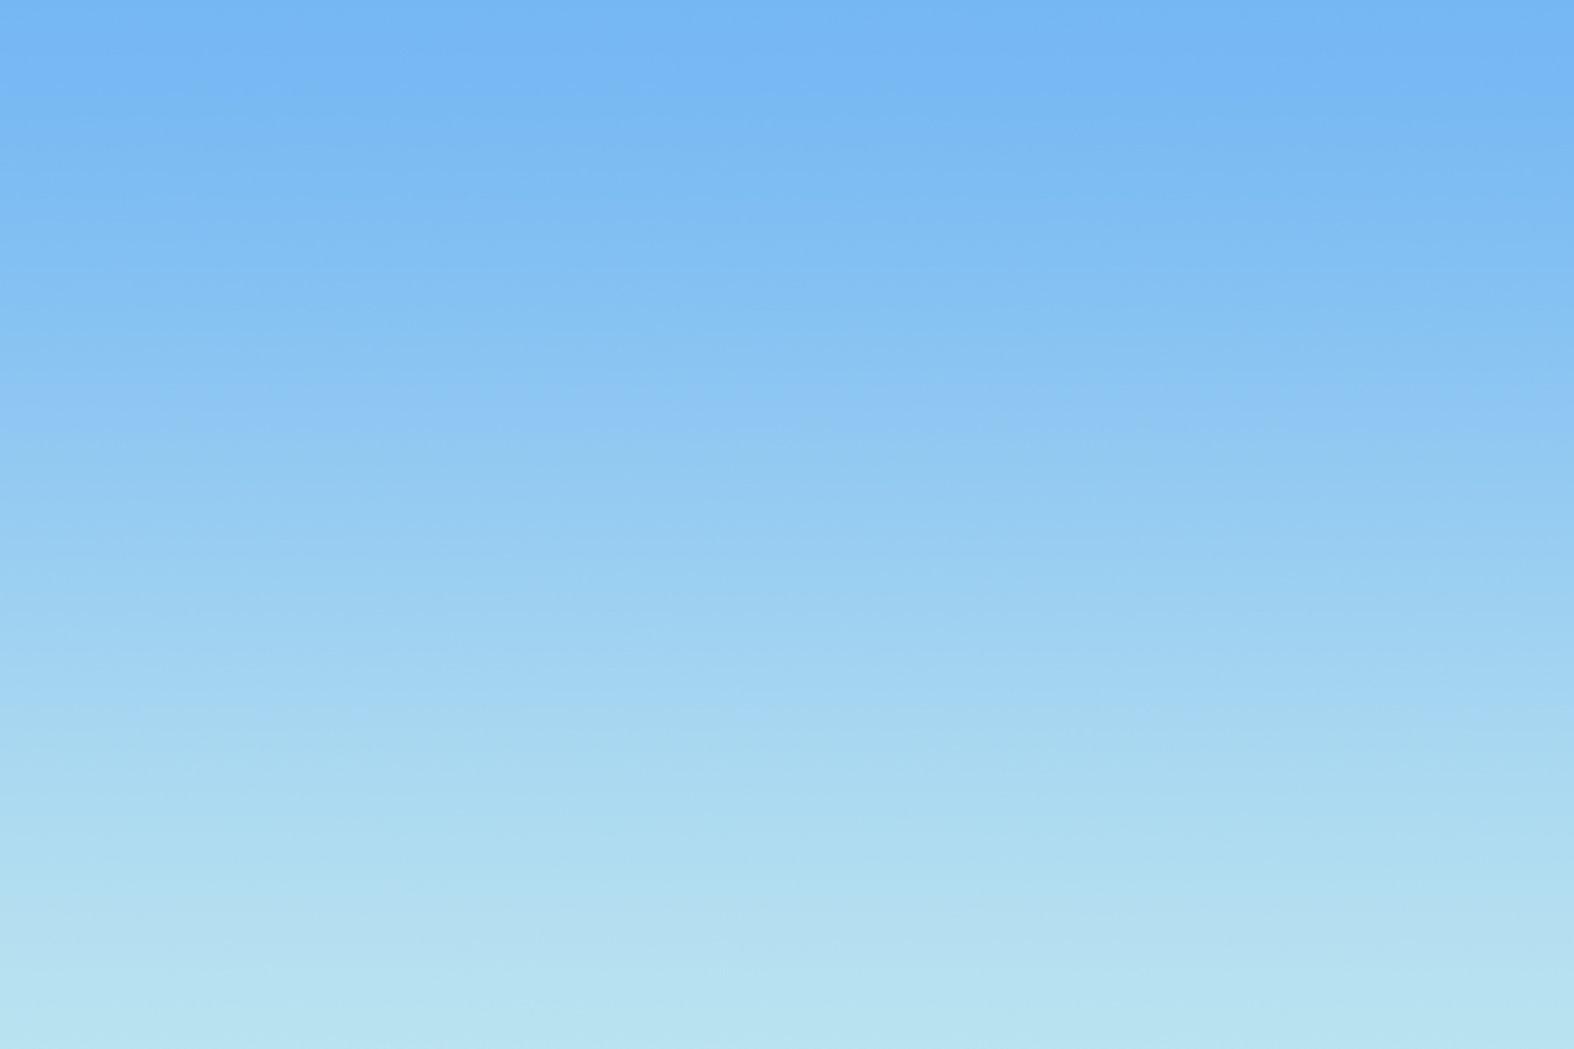 bluegradient.jpg